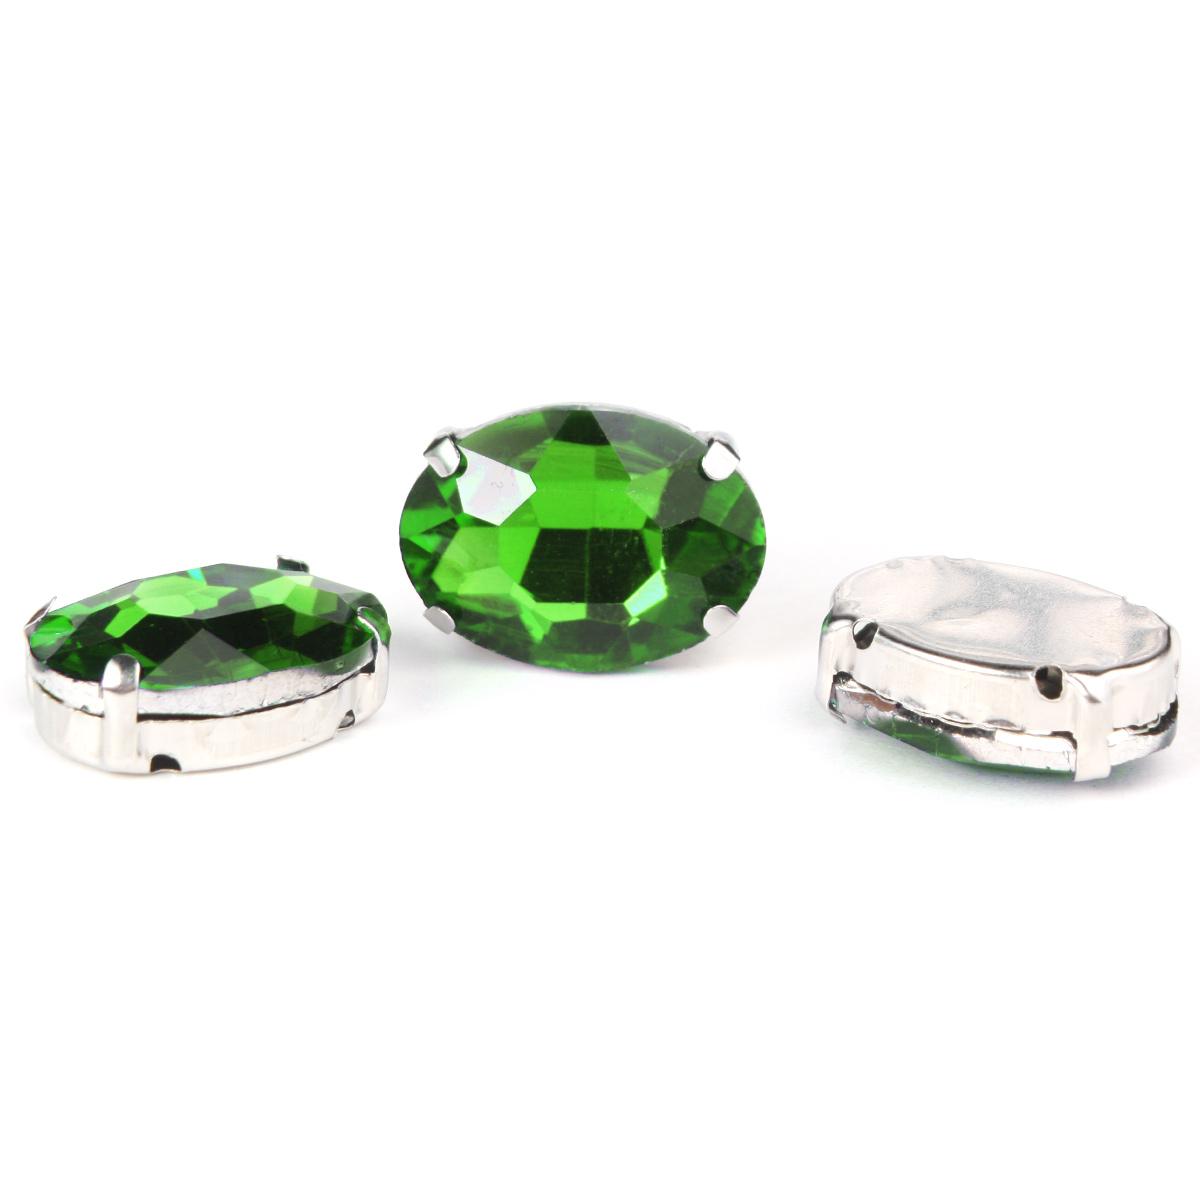 ОЦ008НН1318 Хрустальные стразы в цапах овальной формы, зеленый 13х18 мм, 3 шт